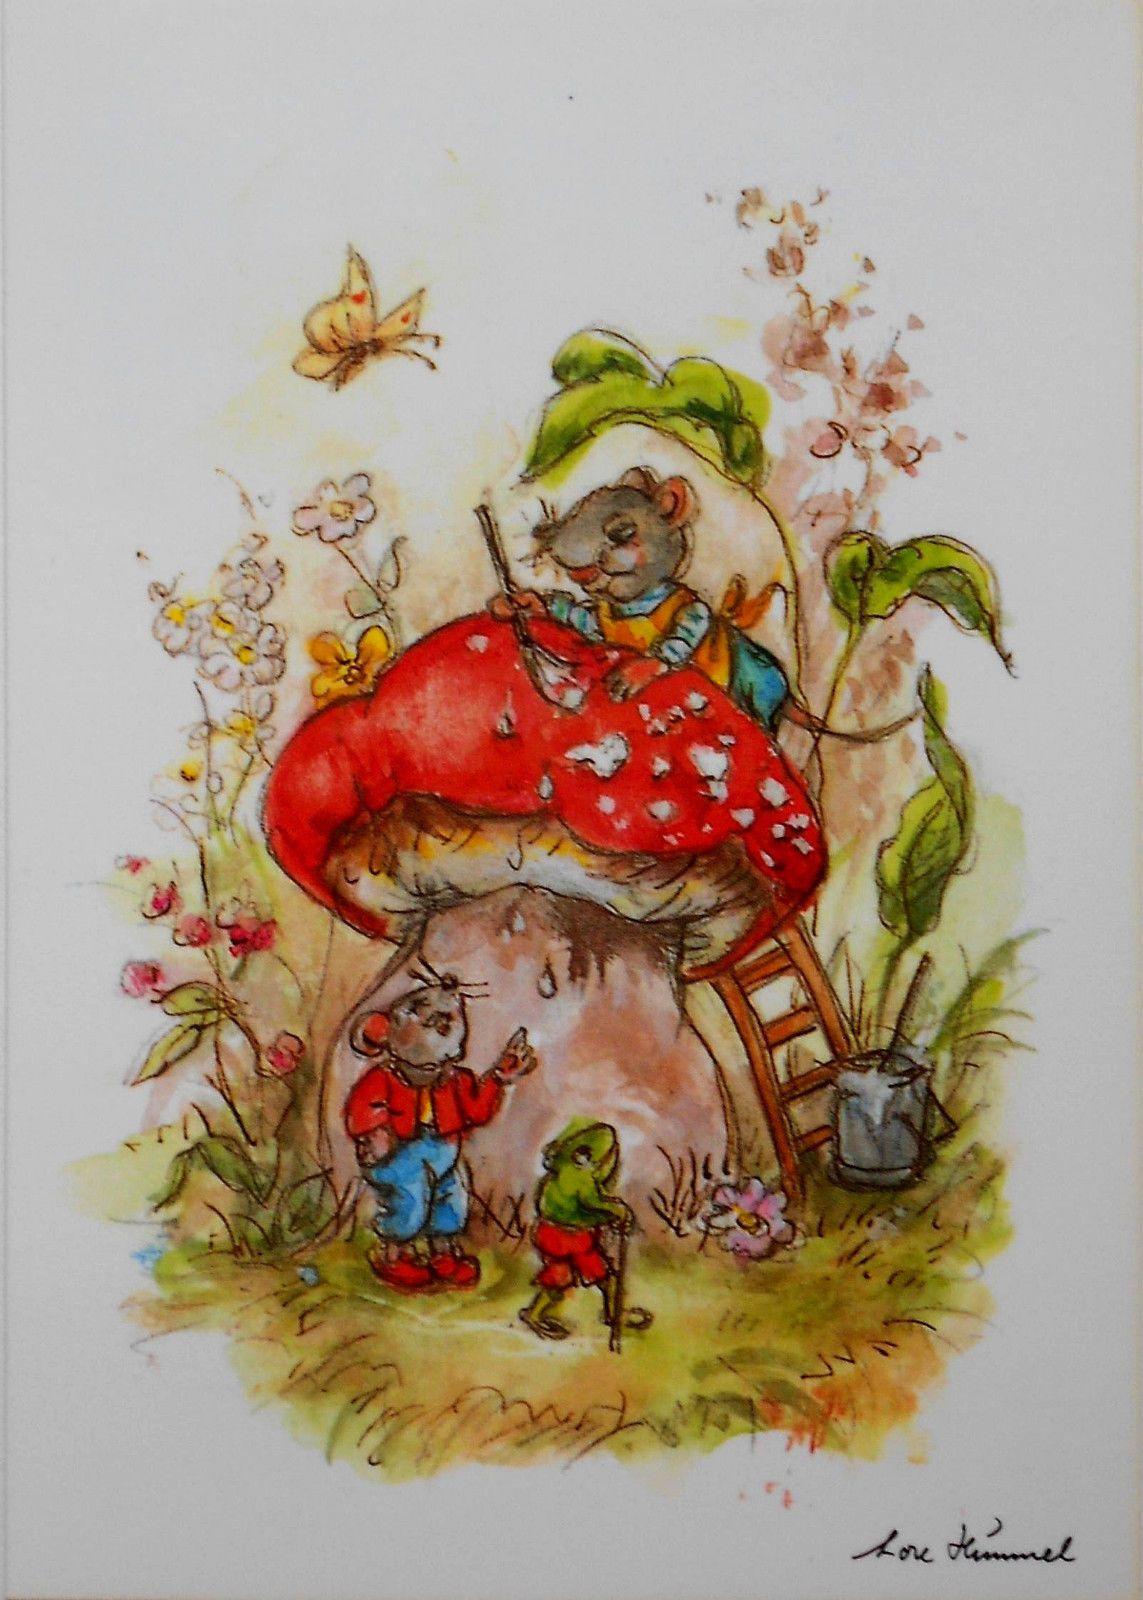 картинка гнома с грибами супротивные